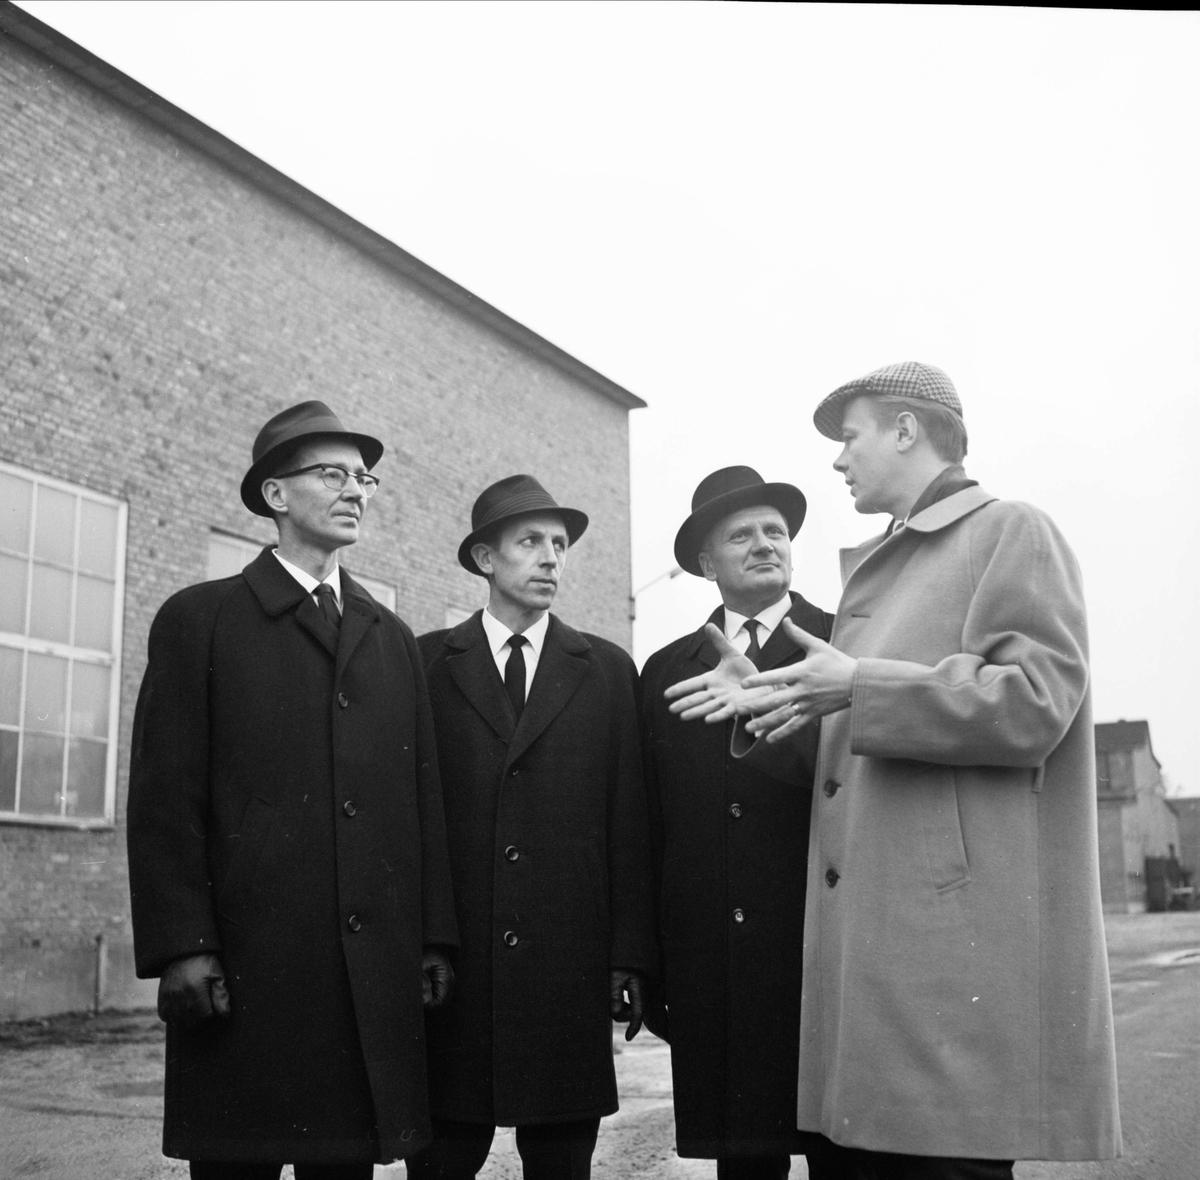 Finska gäster i Söderfors, Uppland 1966